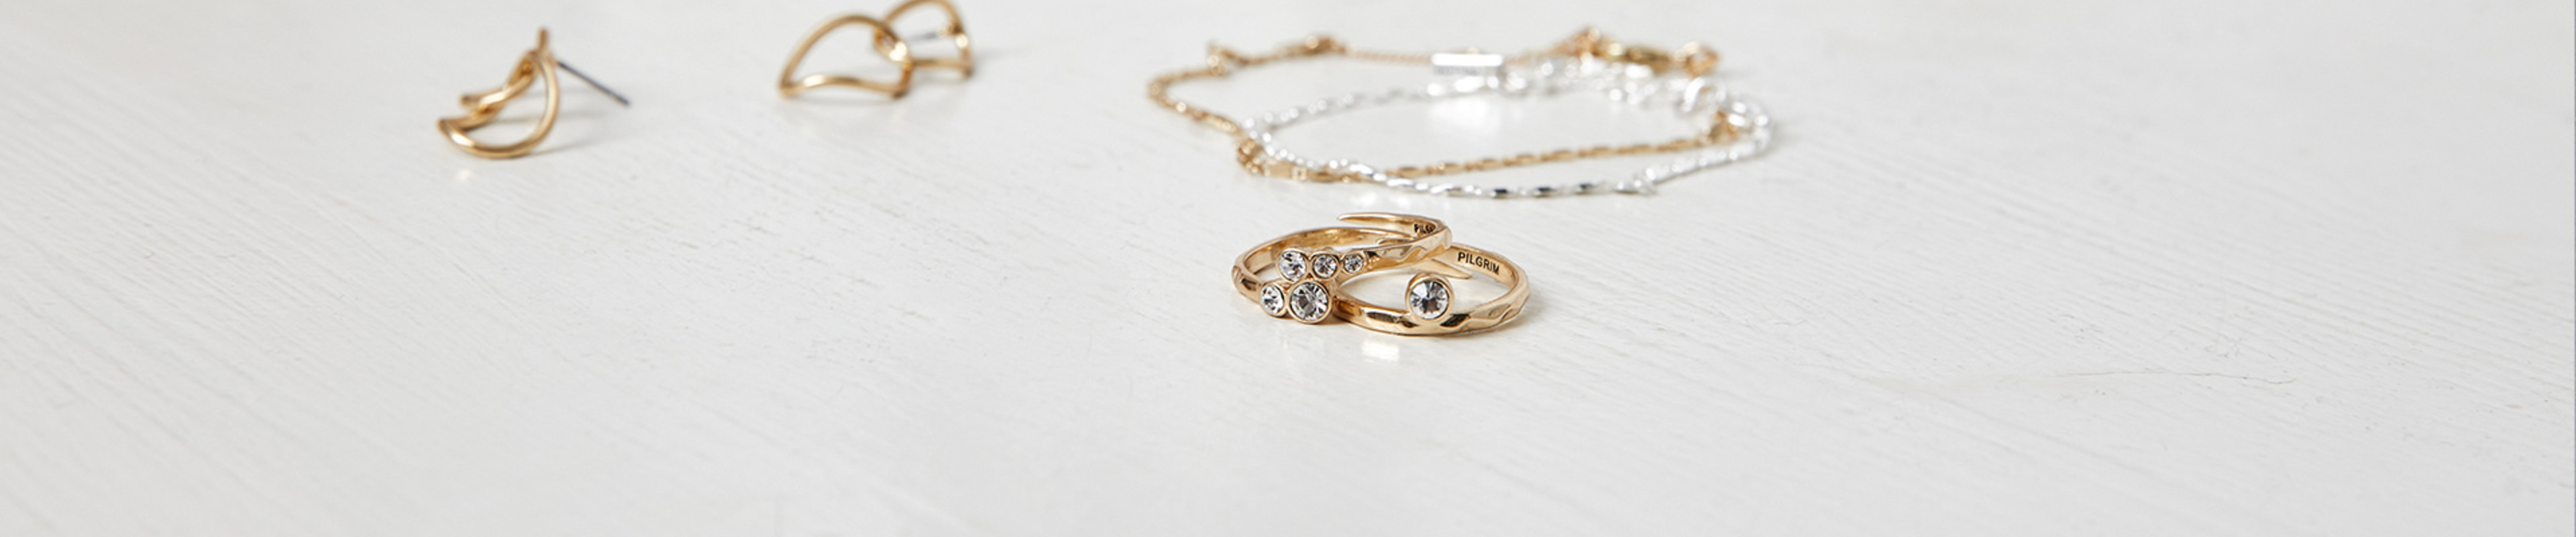 Tous les bijoux